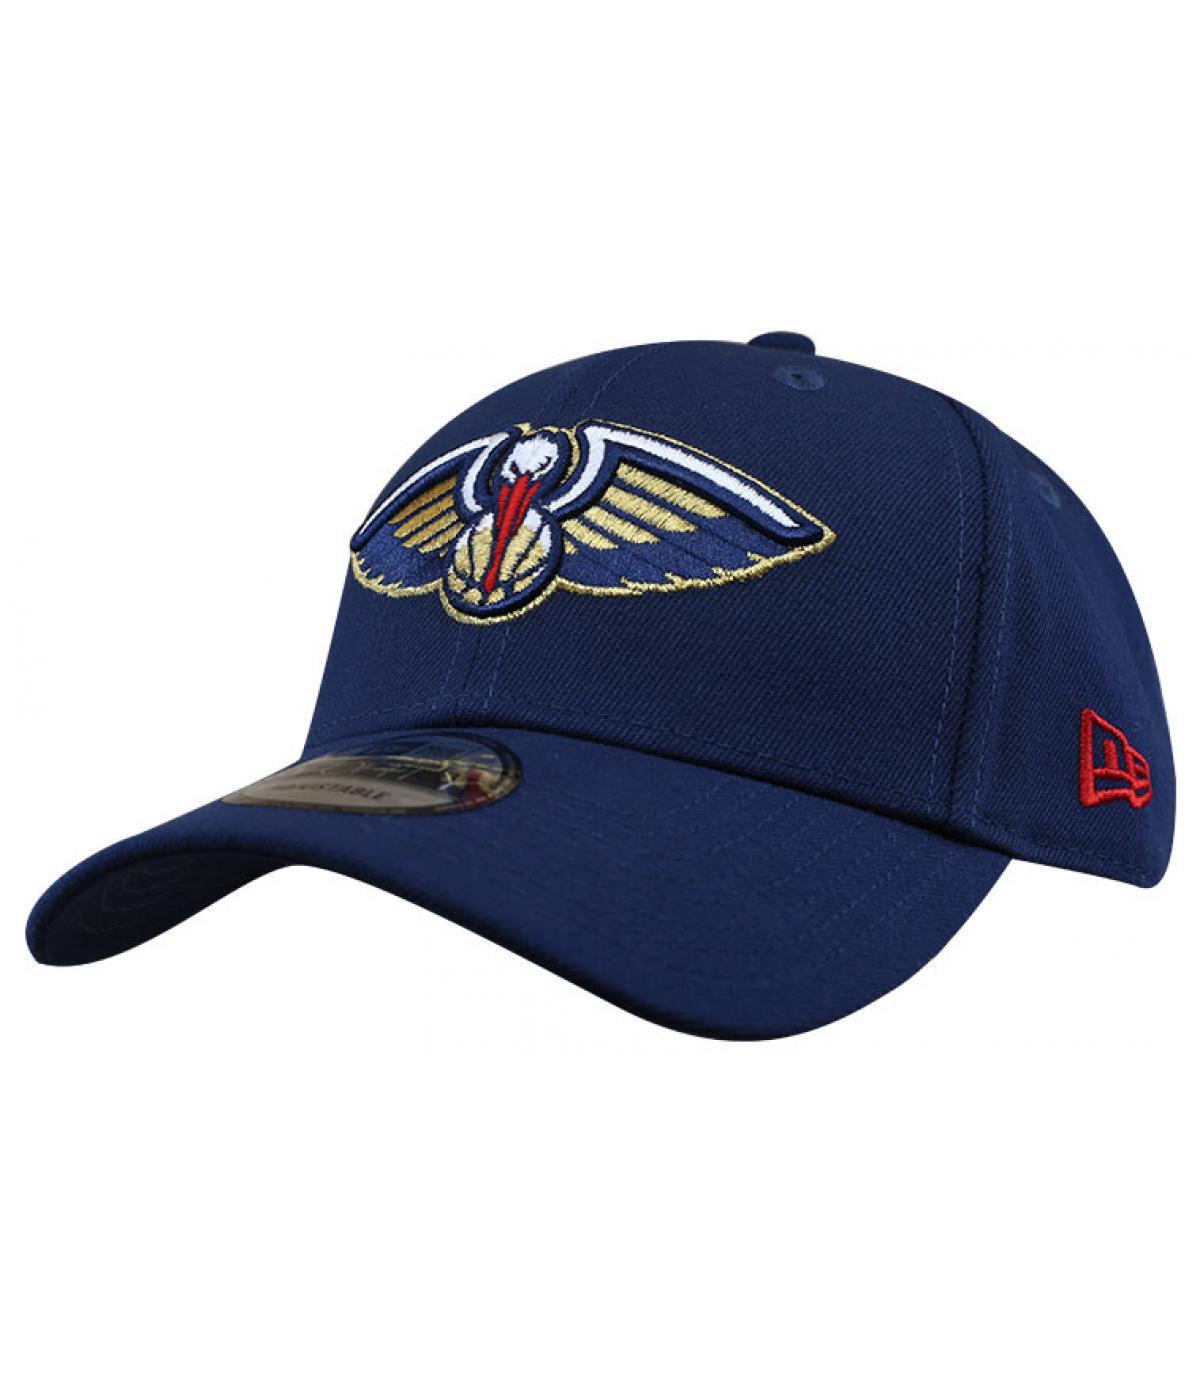 Casquettes NBA Pelicans bleu